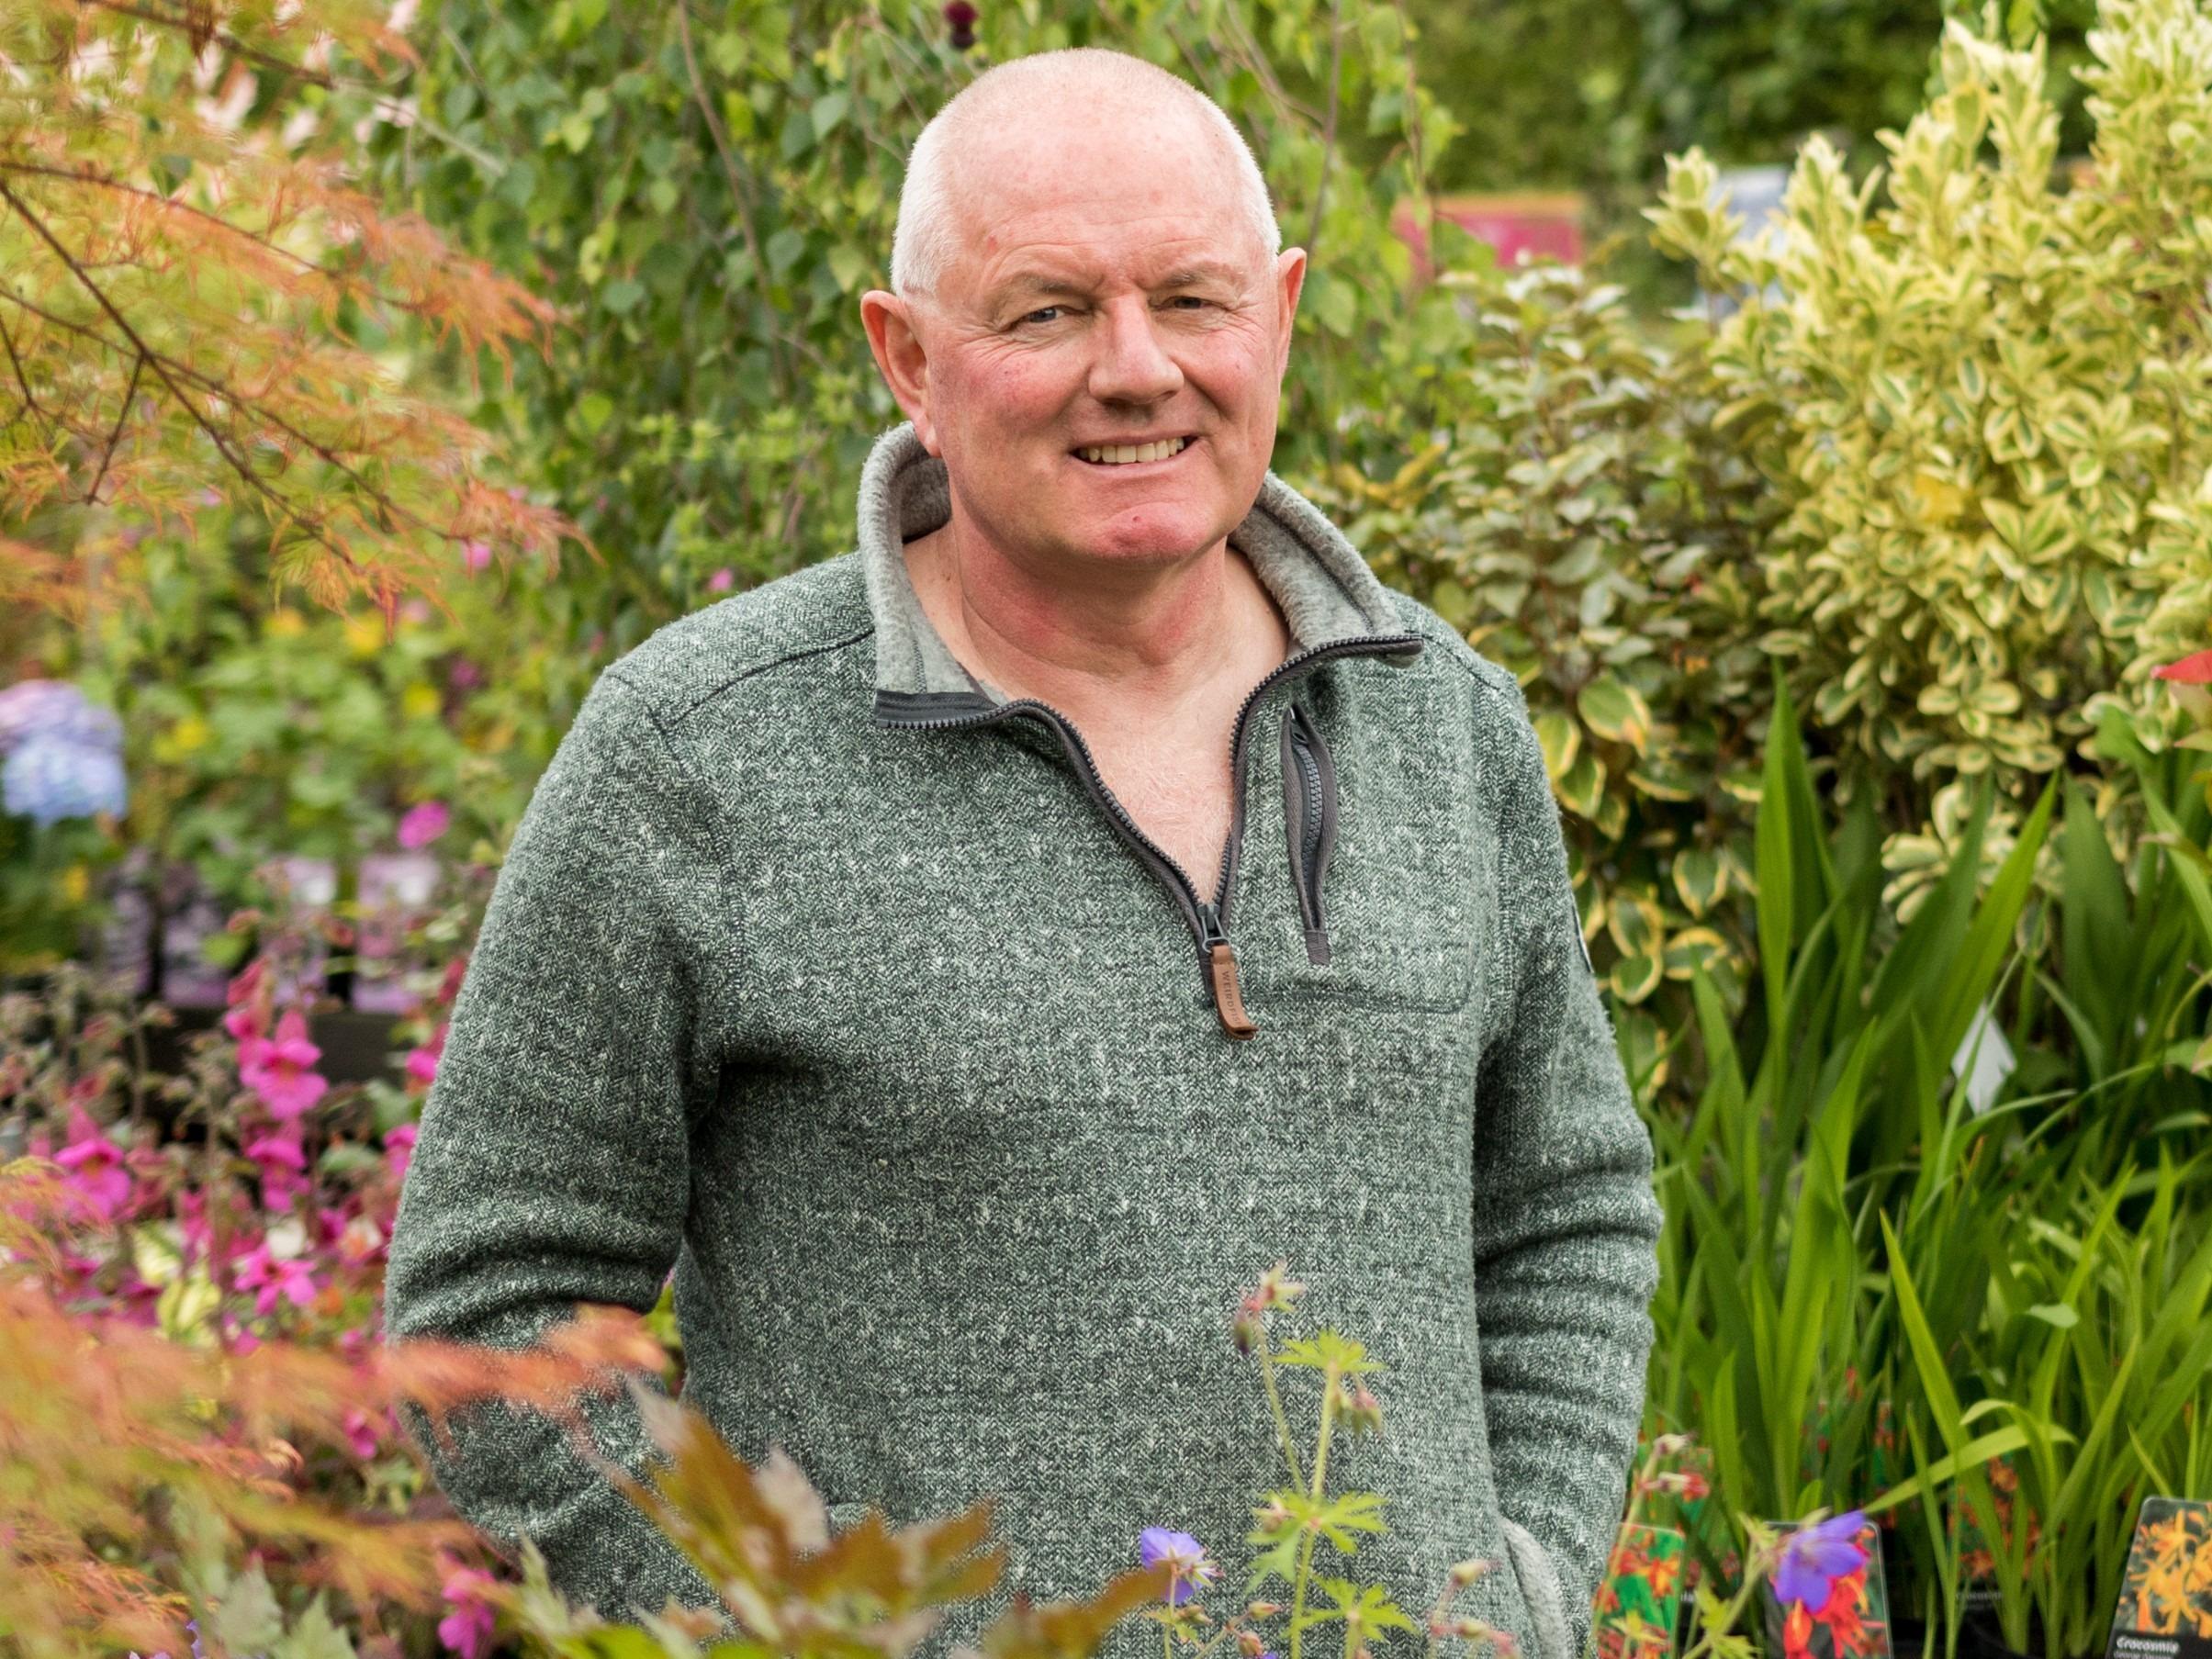 gardening expertise